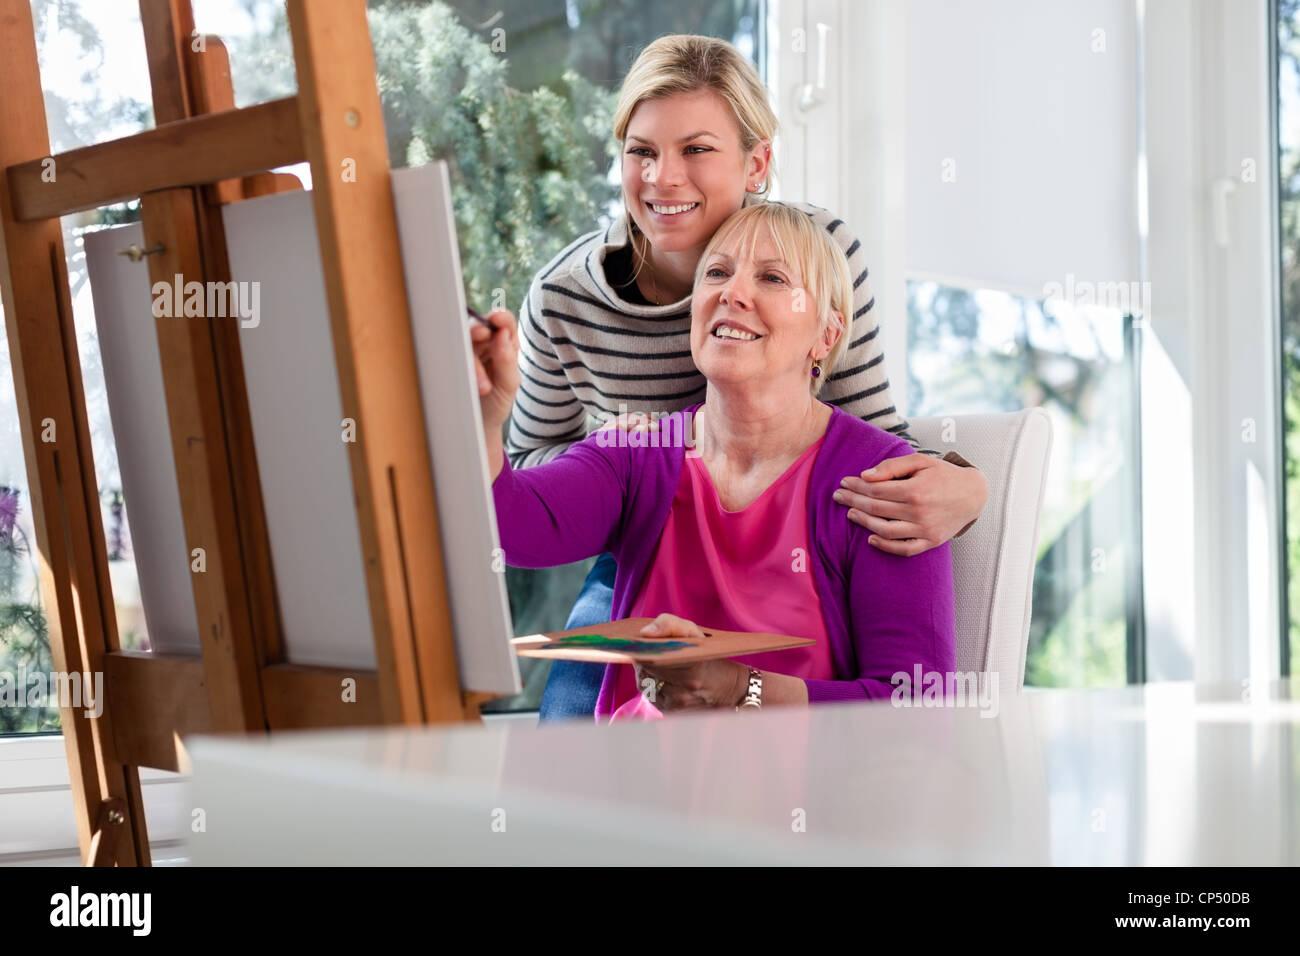 Ritratto di famiglia con felice madre pittura per hobby e la figlia sorridente e abbracciando il suo a casa Immagini Stock